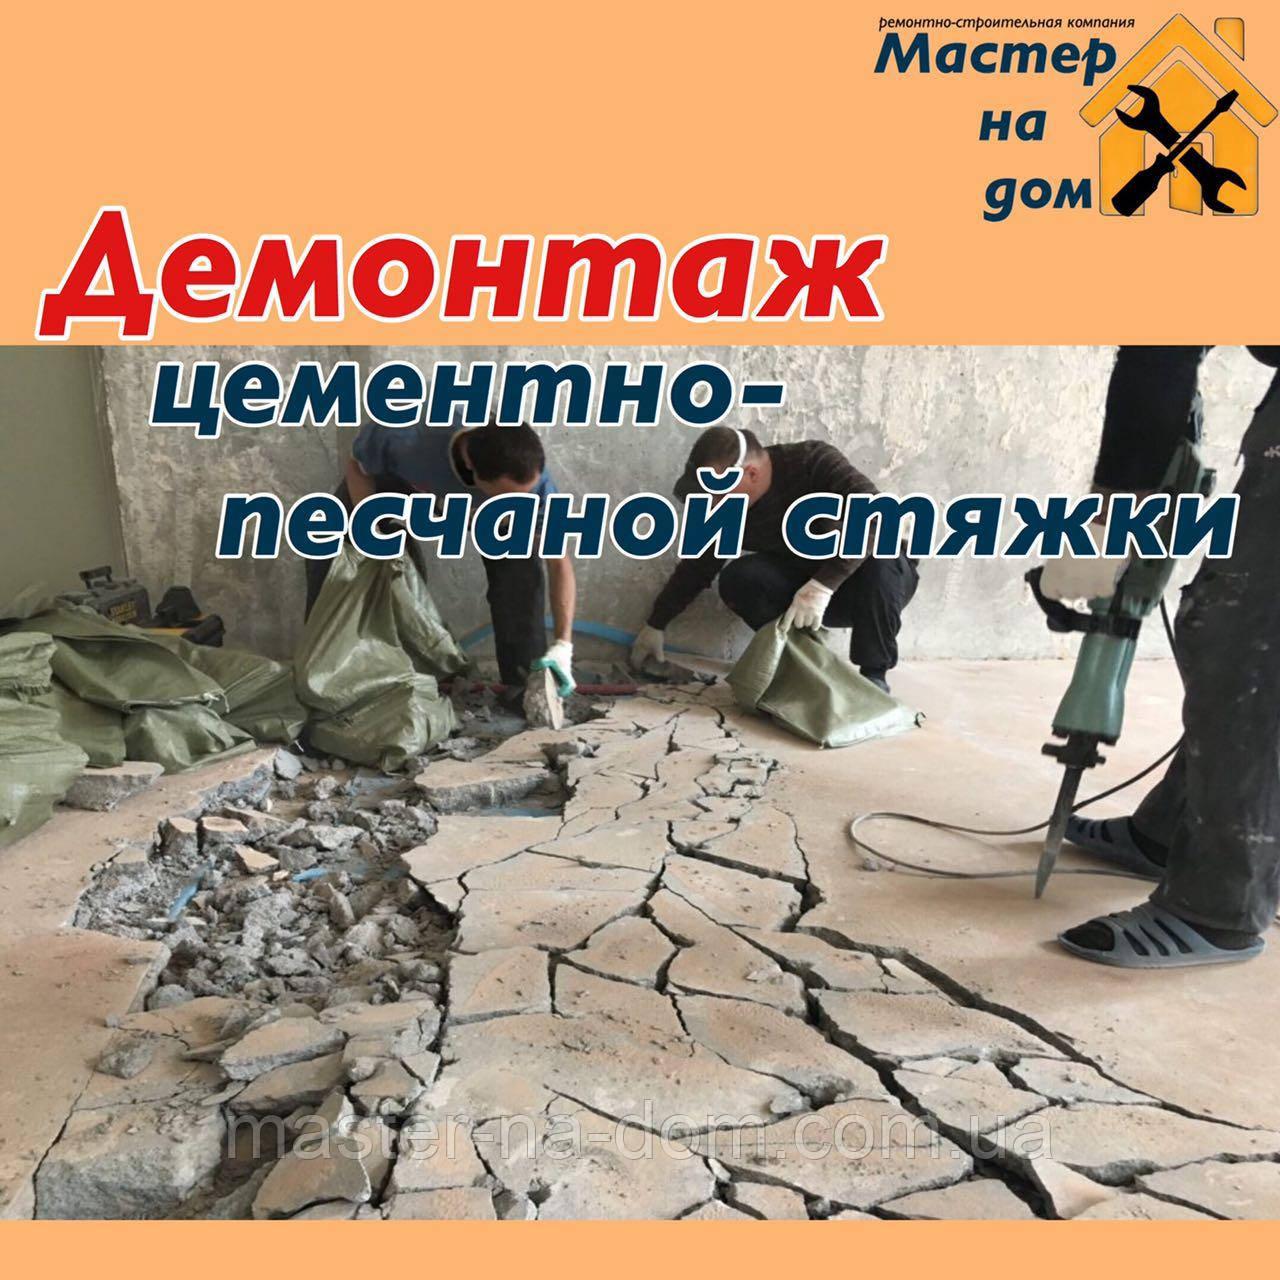 Демонтаж цементно-песчаной стяжки пола в Кропивницком, фото 1